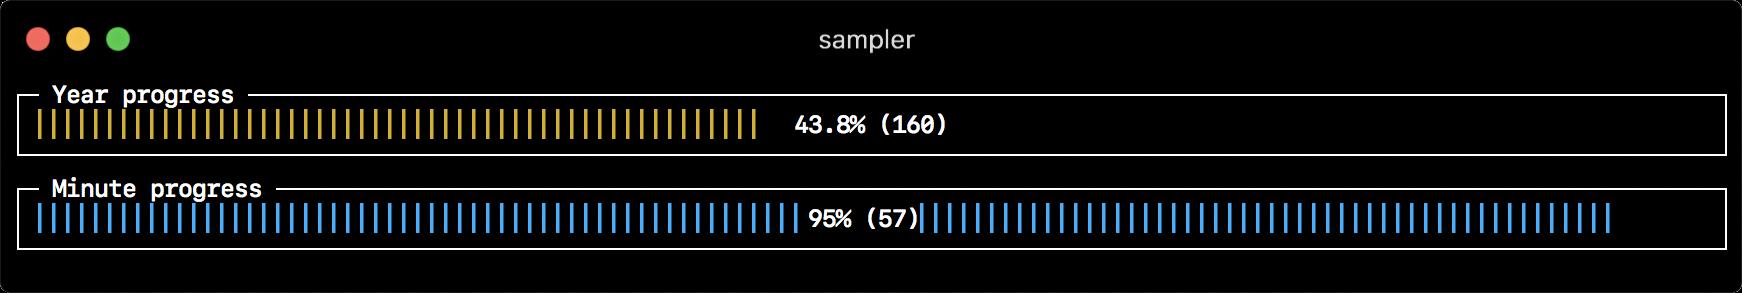 Sampler. Консольная утилита для визуализации результата любых shell команд - 5